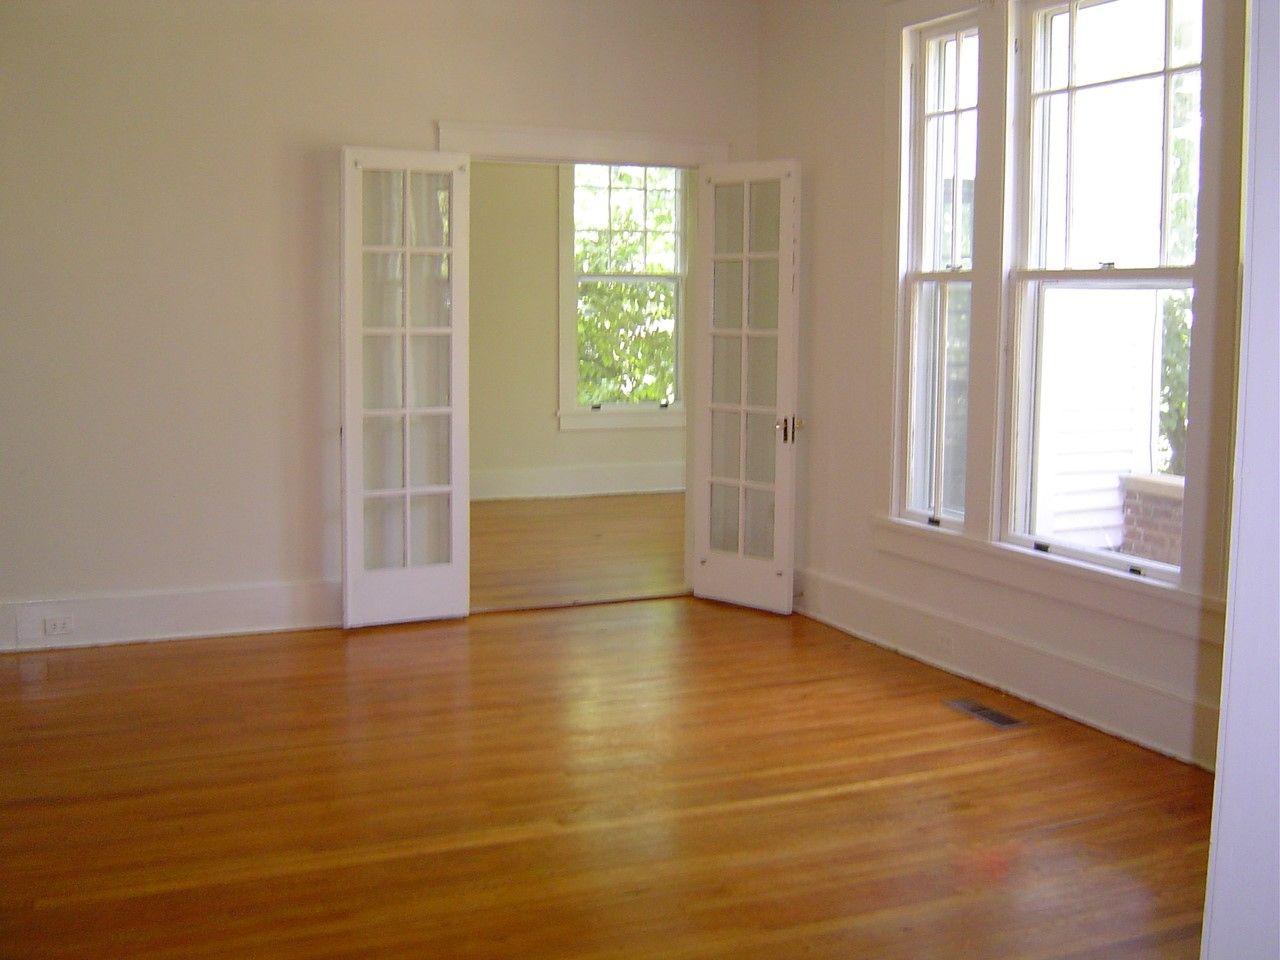 Glenburnie #1 living room